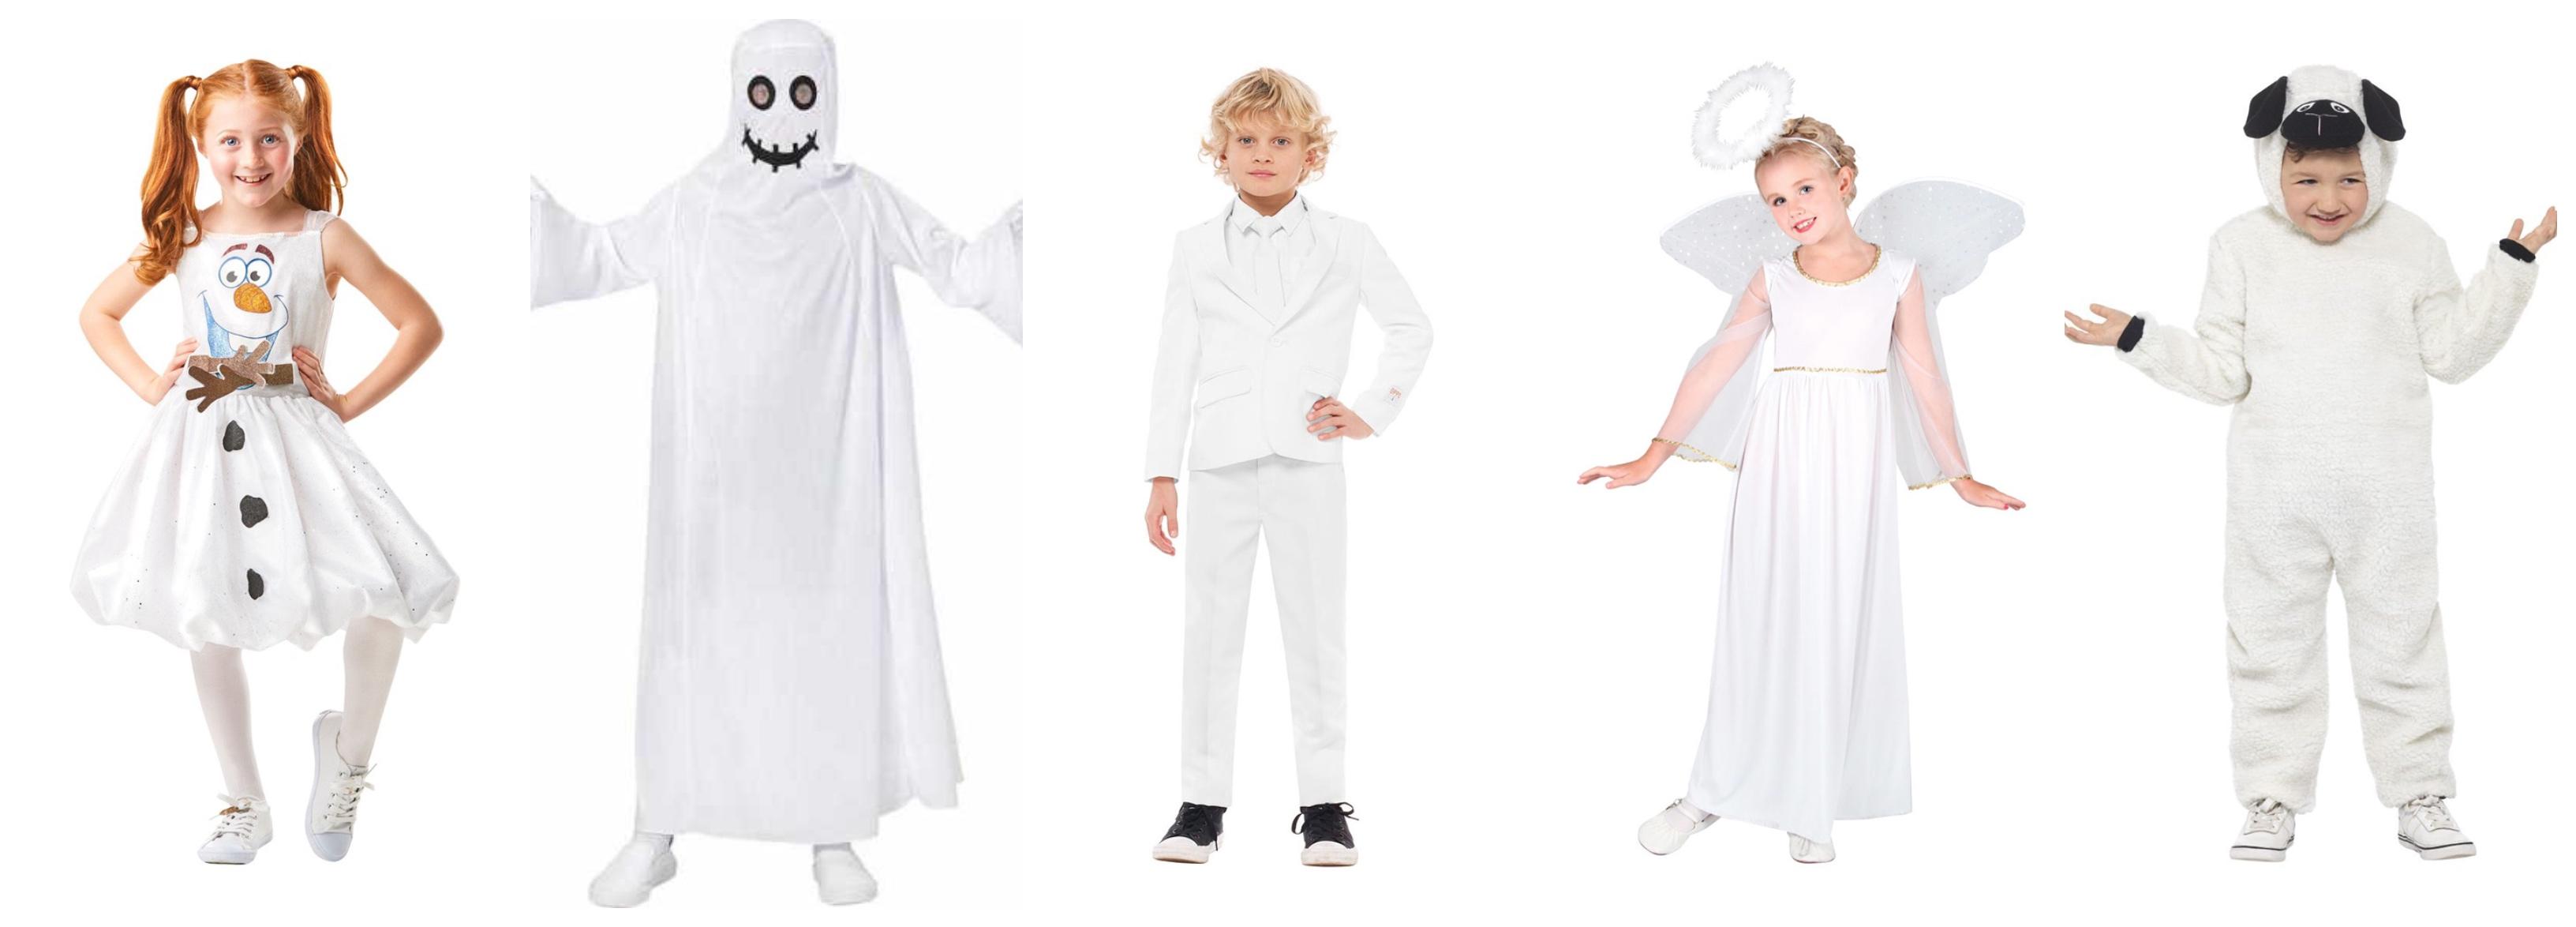 hvide børnekostumer - Hvide kostumer til børn